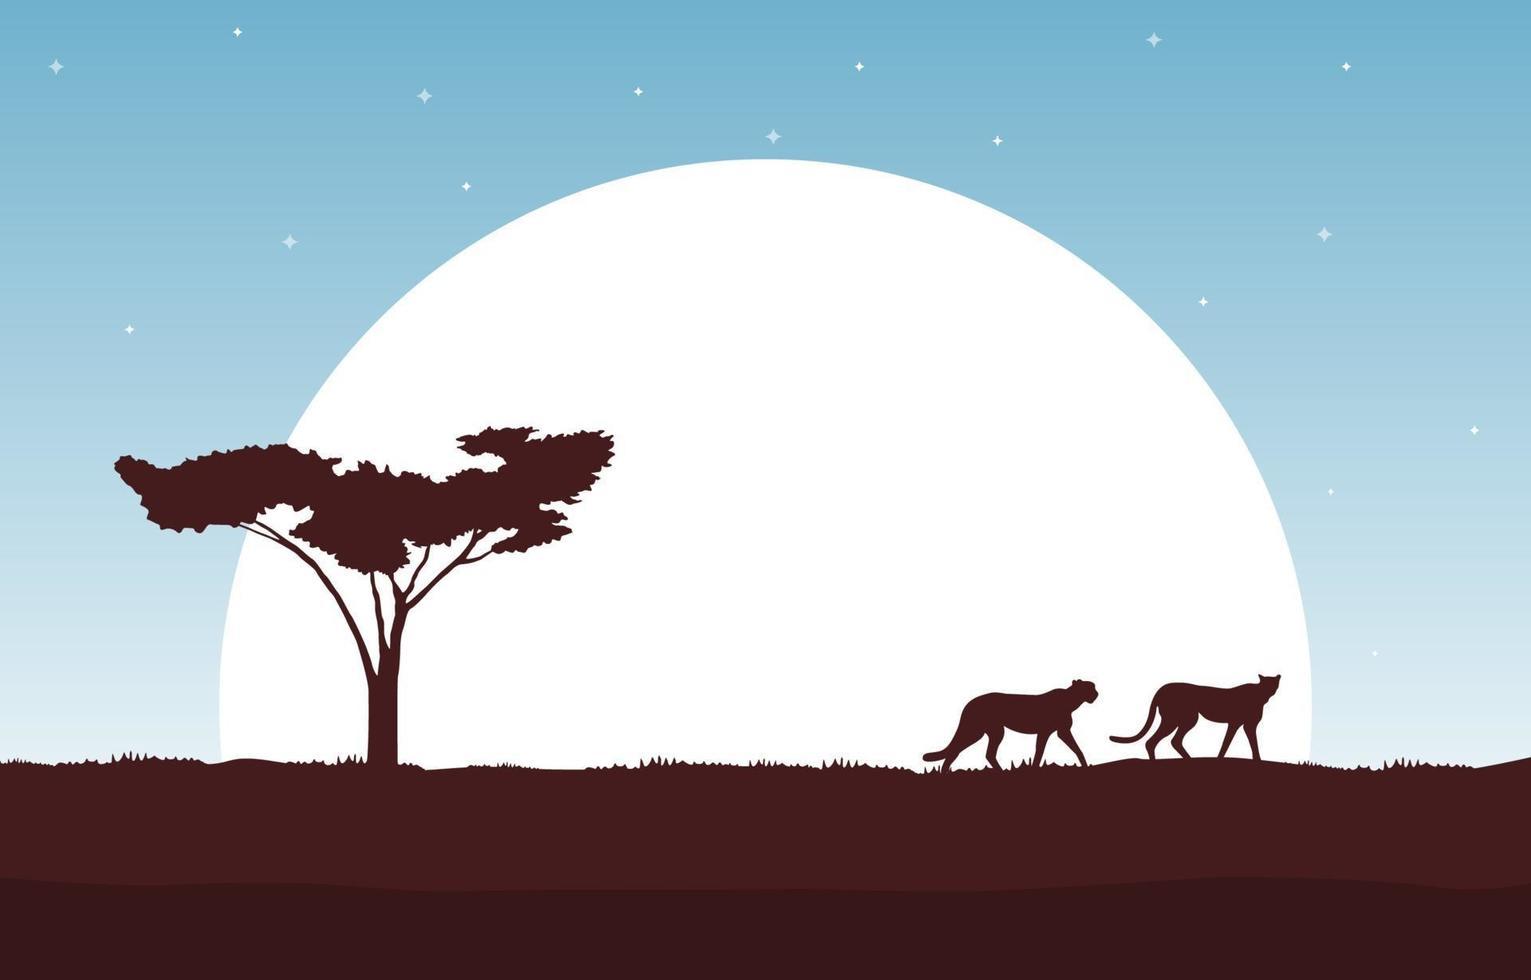 ghepardi nella savana africana con albero e illustrazione di grande sole vettore